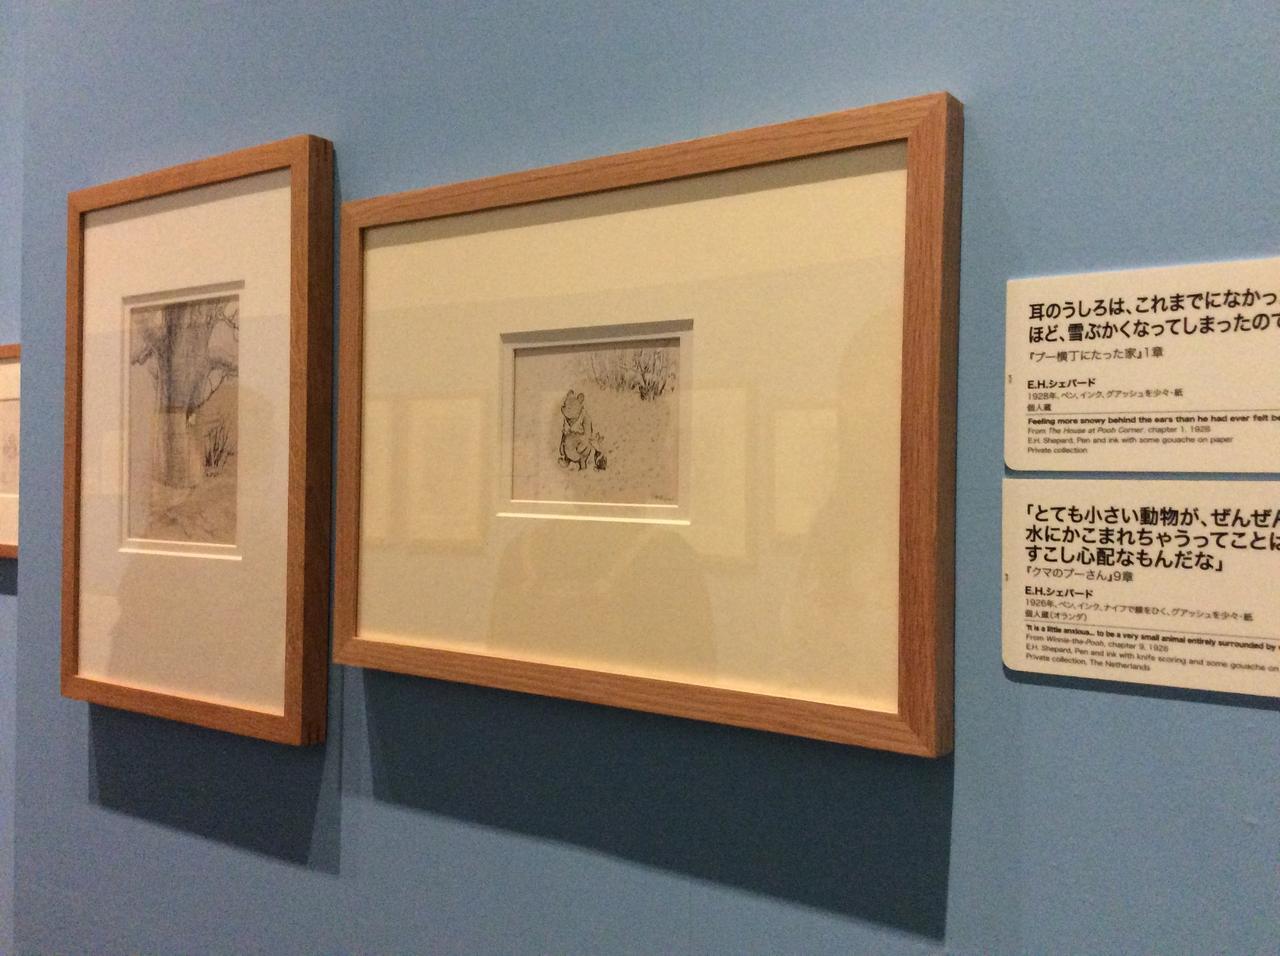 画像: 「クマのプーさん展 」大阪会場 展示原画 photo©︎cinefil